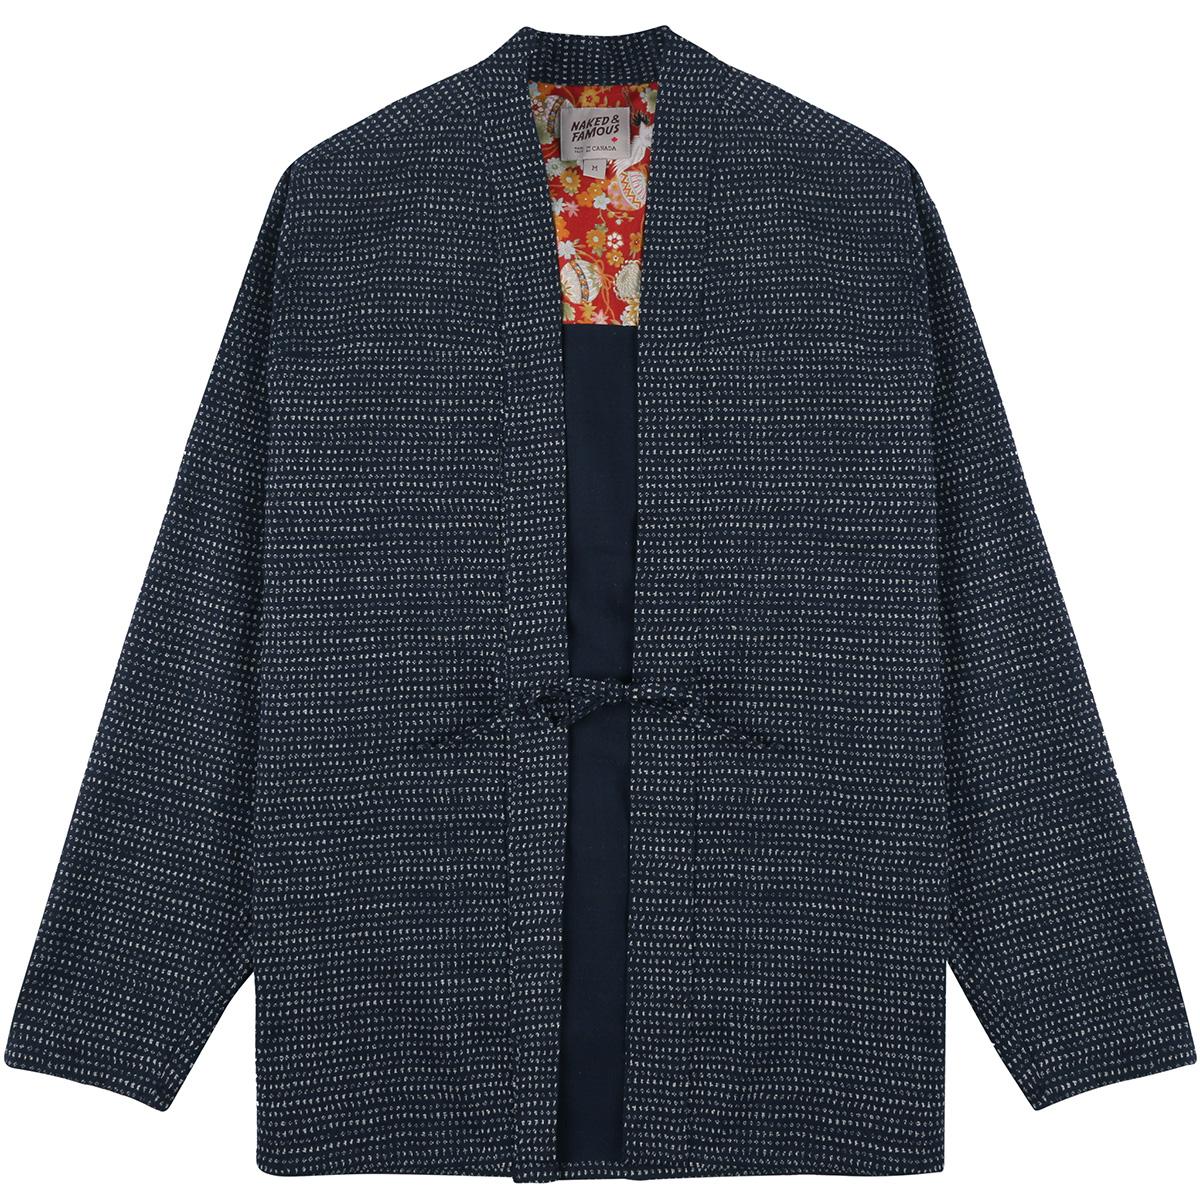 KIMONO CHON - Kimono Shirt